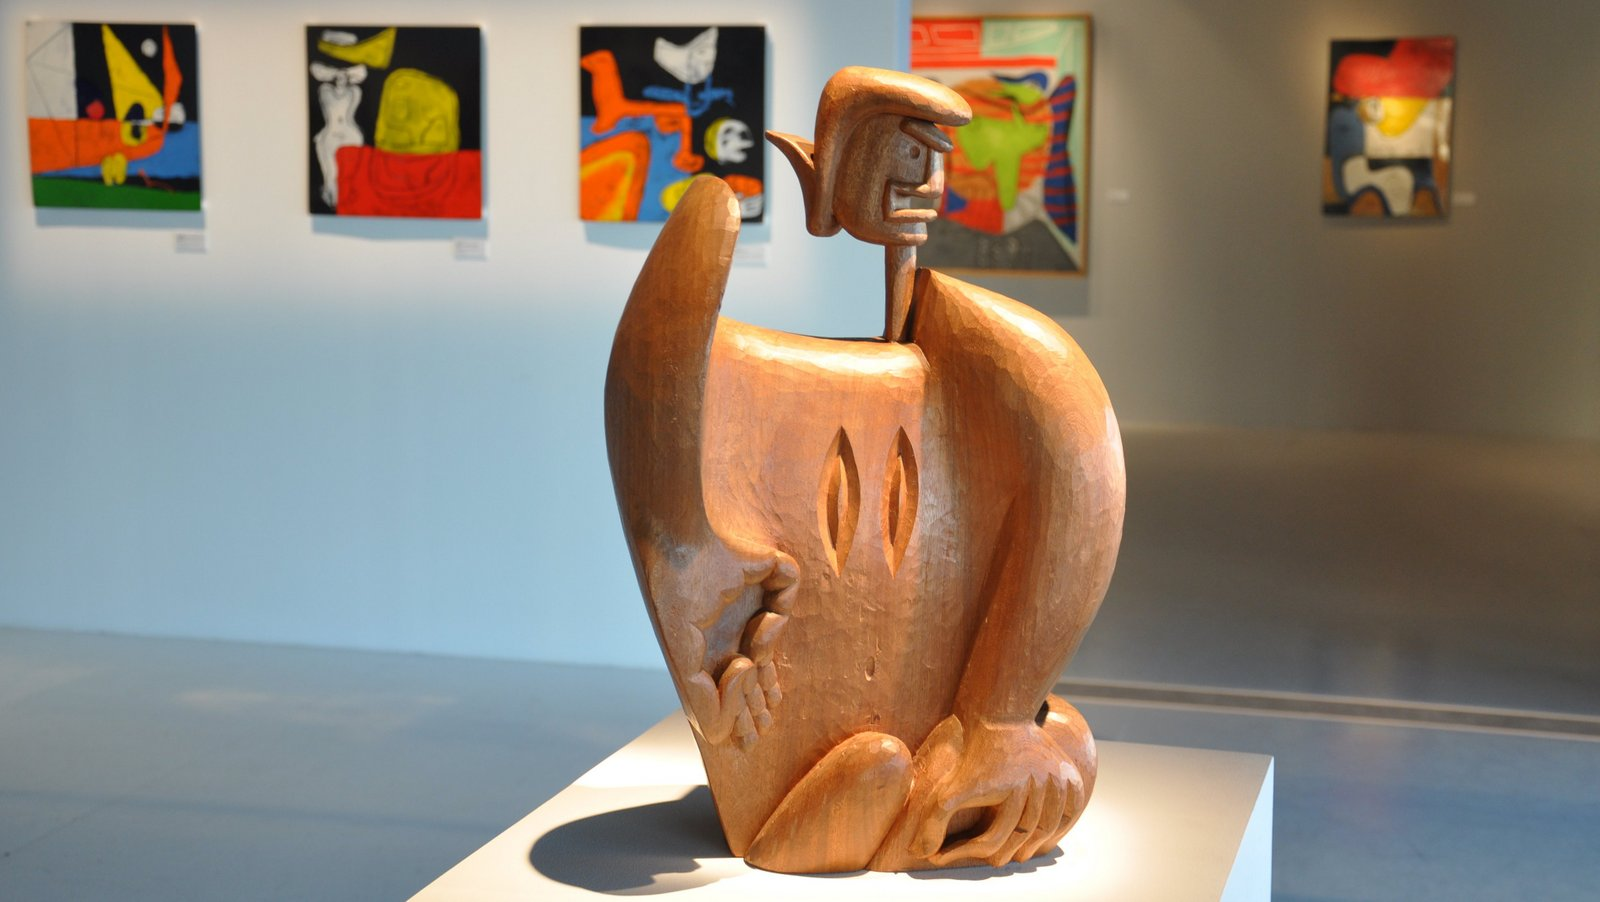 Sculpture et peintures de Le Corbusier exposées au J1 à Marseille